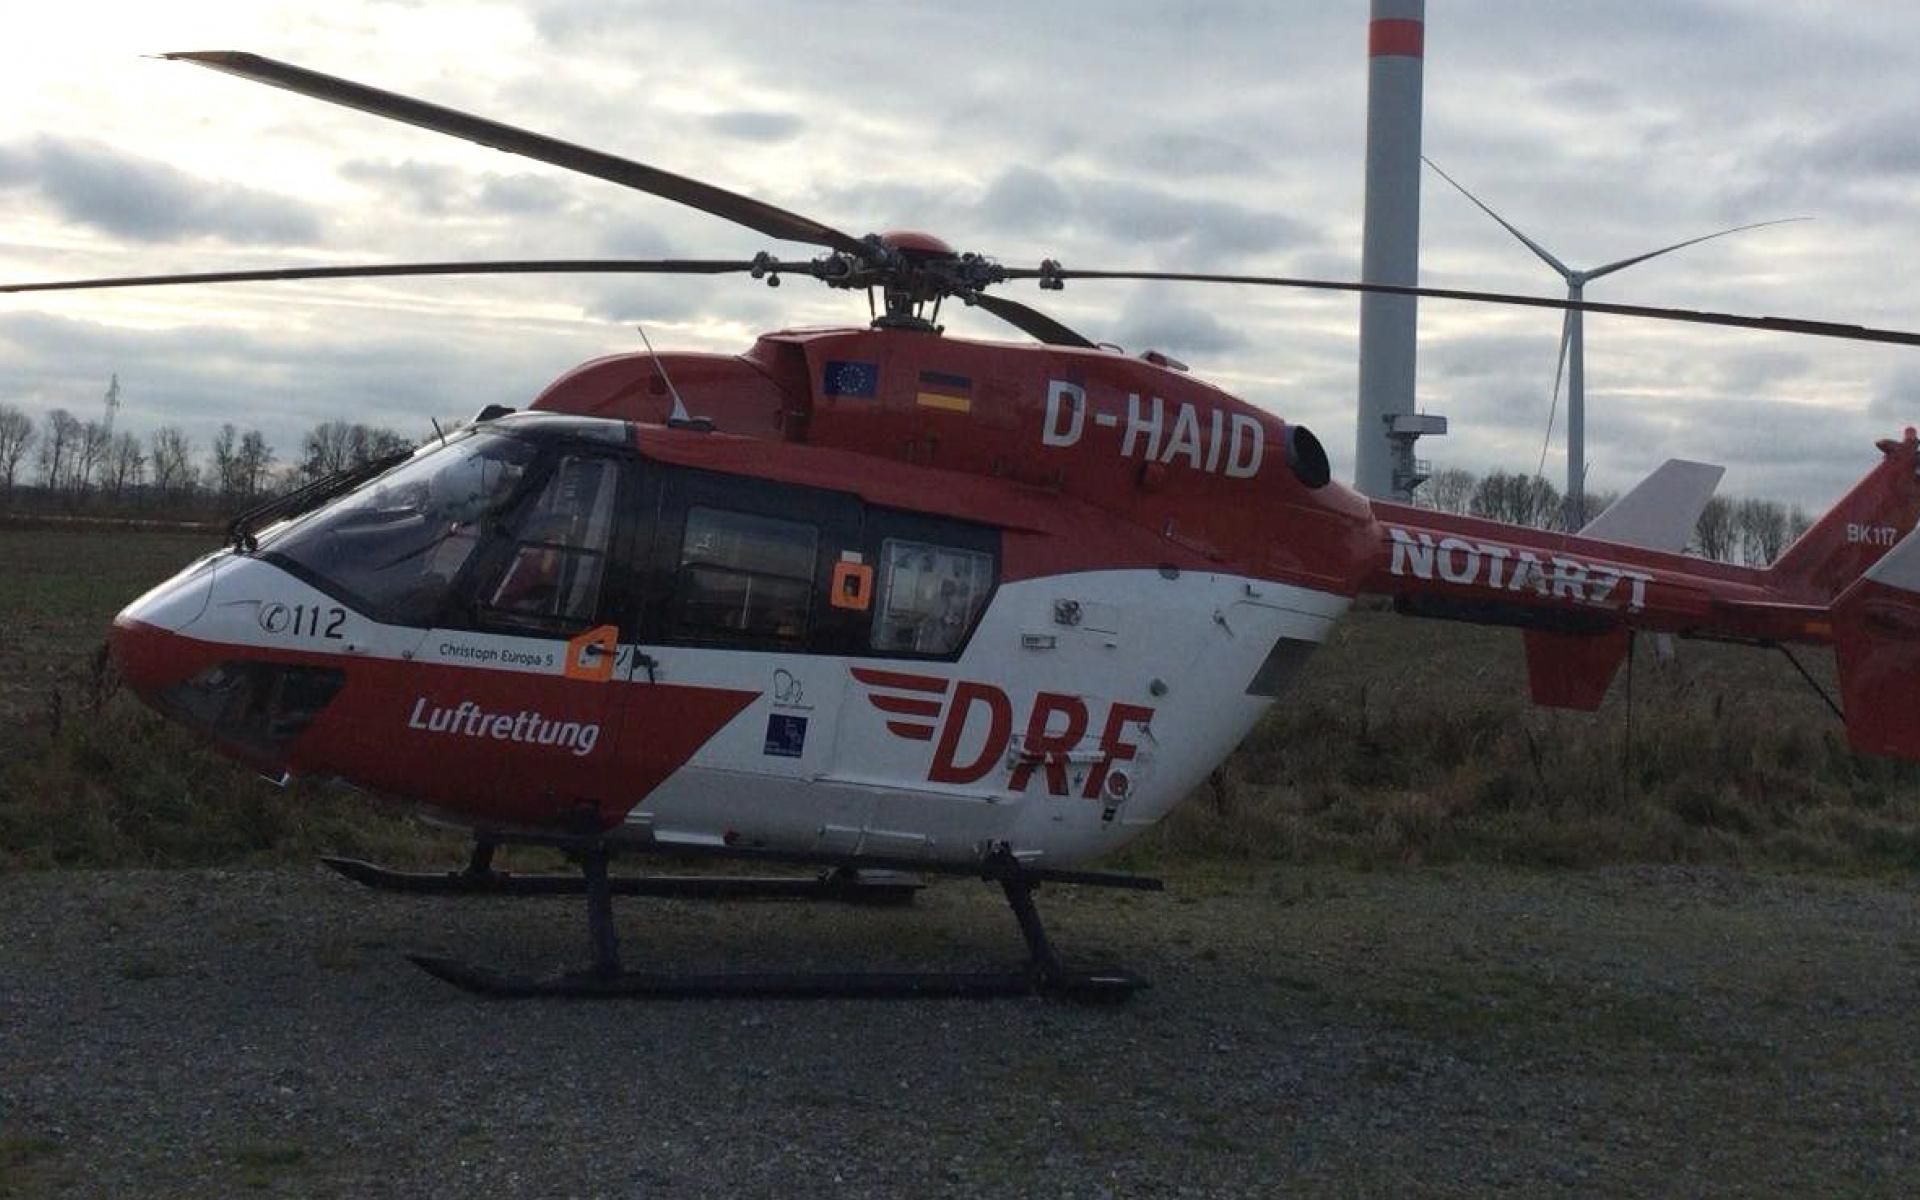 Ungewöhnlicher Einsatz für die Crew von Christoph Europa 5: Ein Mann mit starken Rückenschmerzen musste in einer Windkraftanlage versorgt und dann zum Hubschrauber gebracht werden.